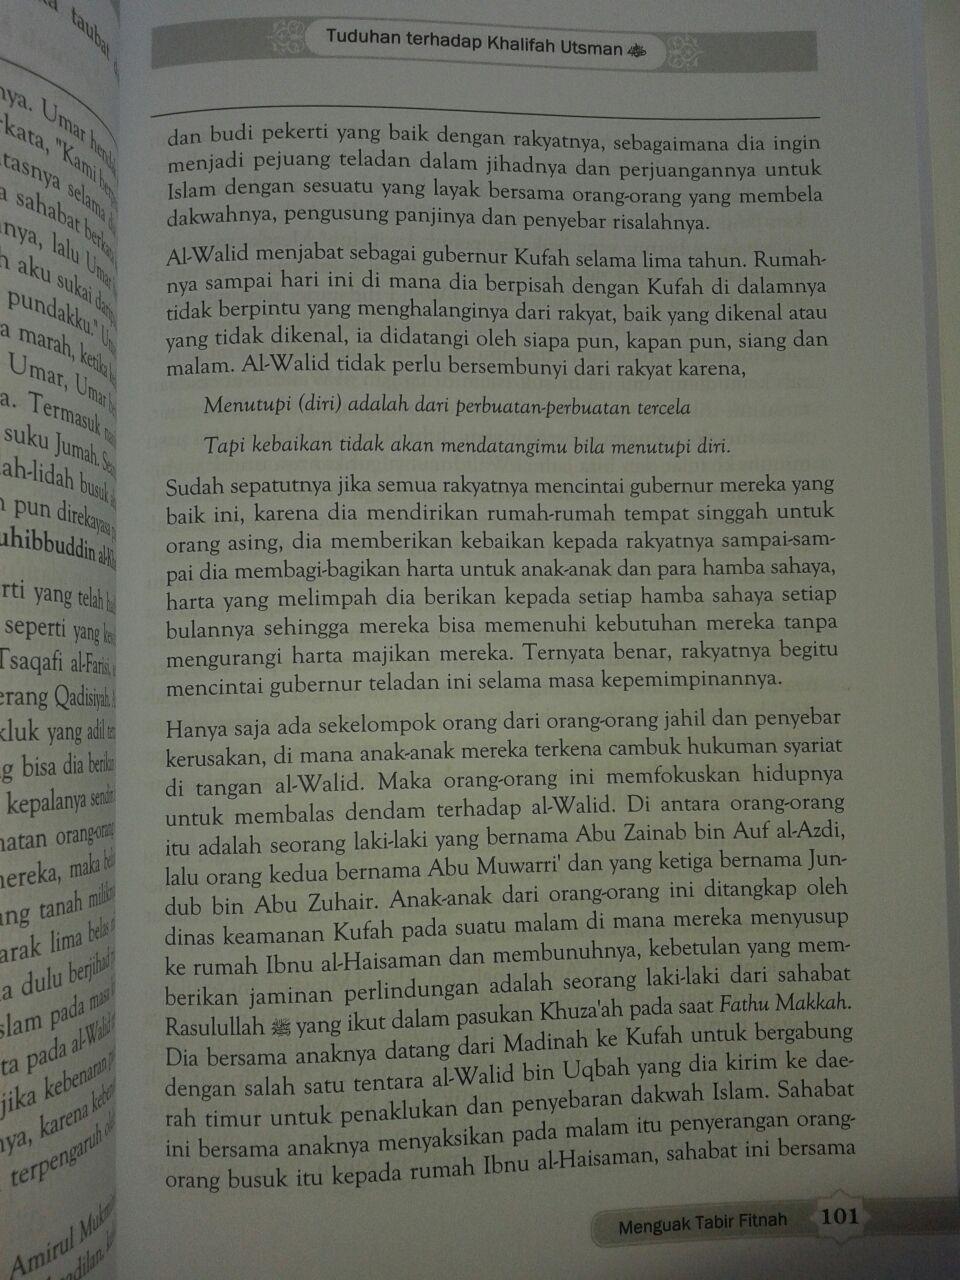 Buku Meluruskan Sejarah Menguak Tabir Fitnah isi